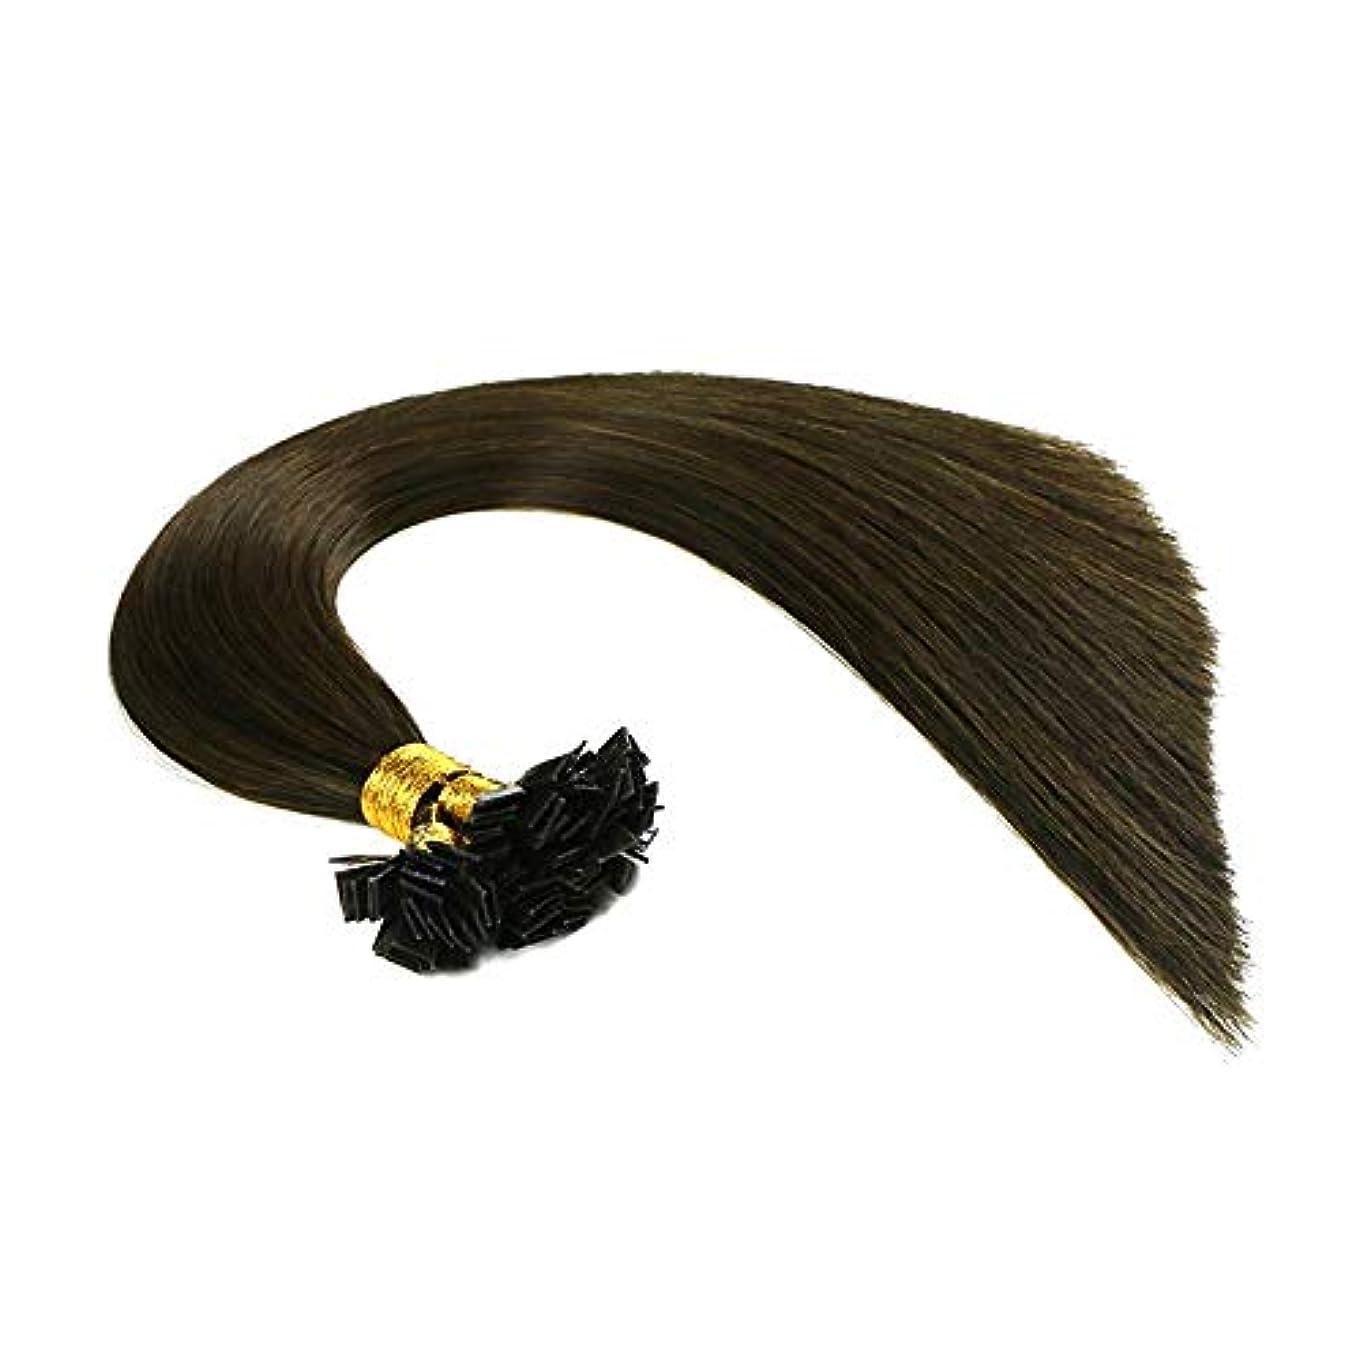 郵便物郵便物数値JULYTER ナノリングヘアエクステンション100%ブラジル人毛ナノヘアエクステンション (色 : Photo color, サイズ : 20 inch)